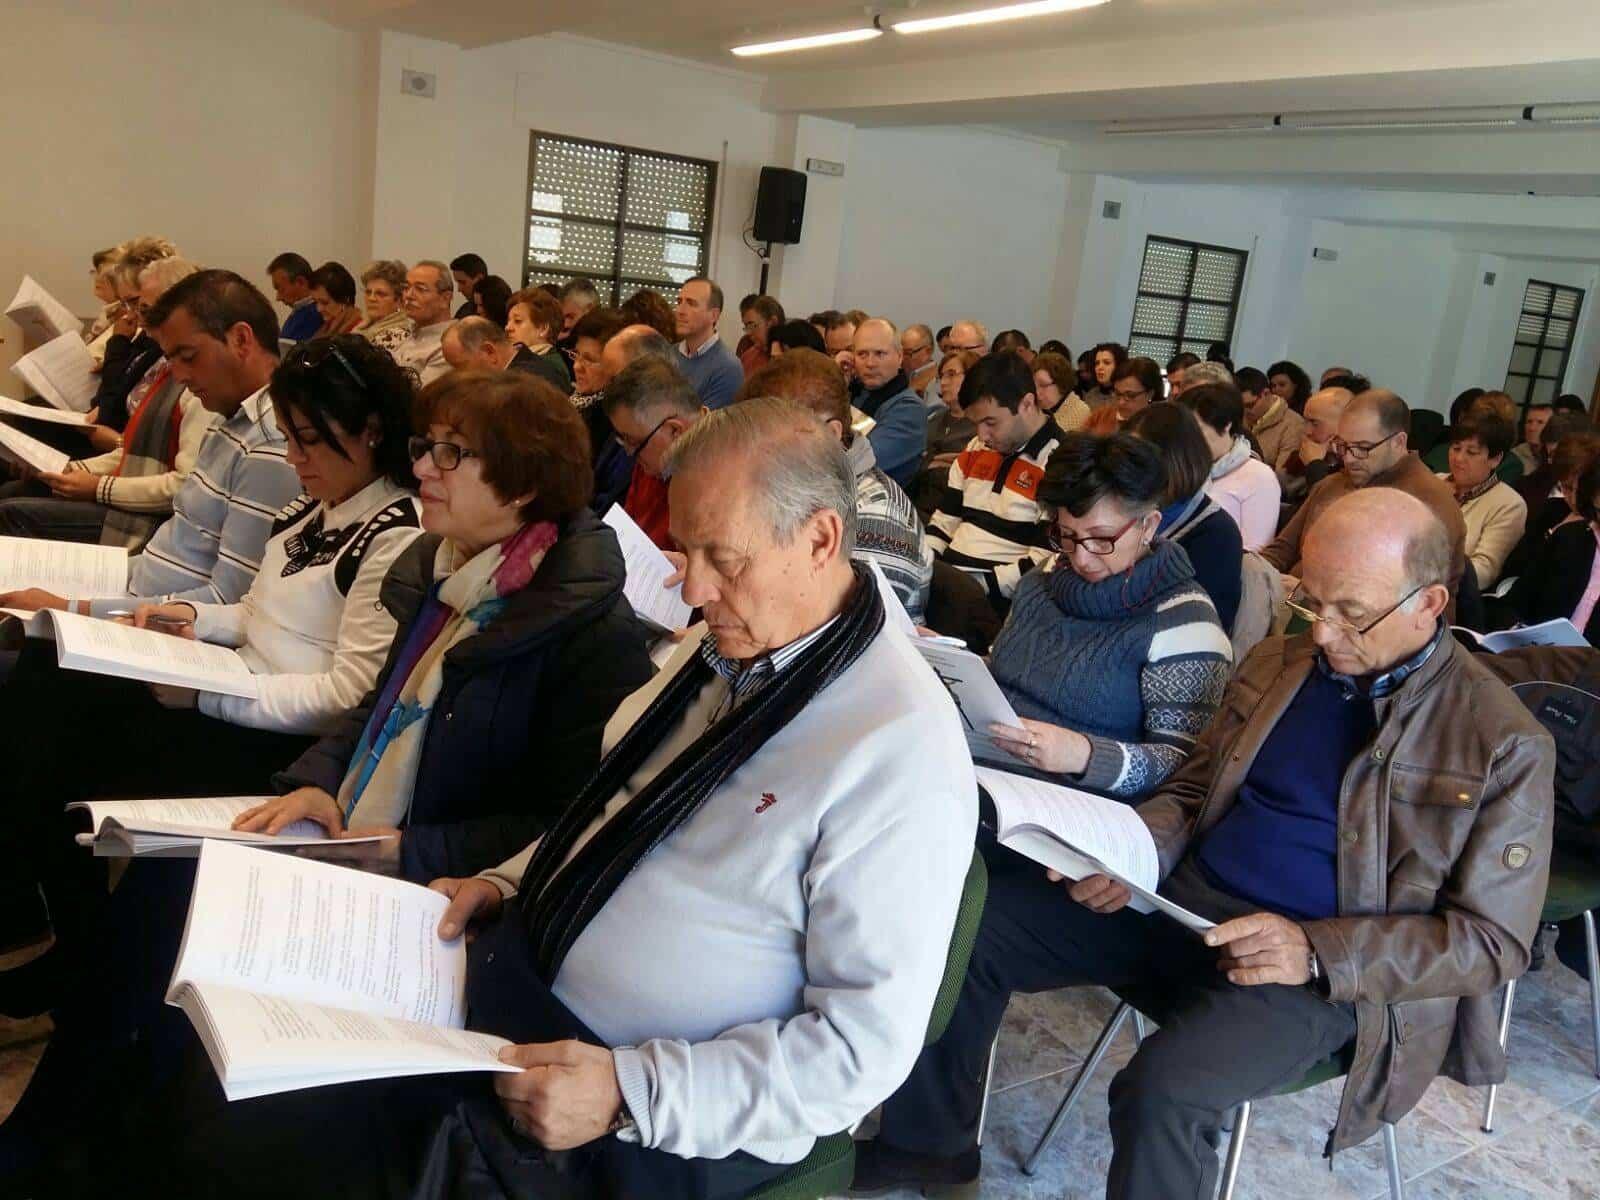 Encuetro Matrimonios en Herencia3 - Herencia fue sede de la primera convivencia de matrimonios diocesana